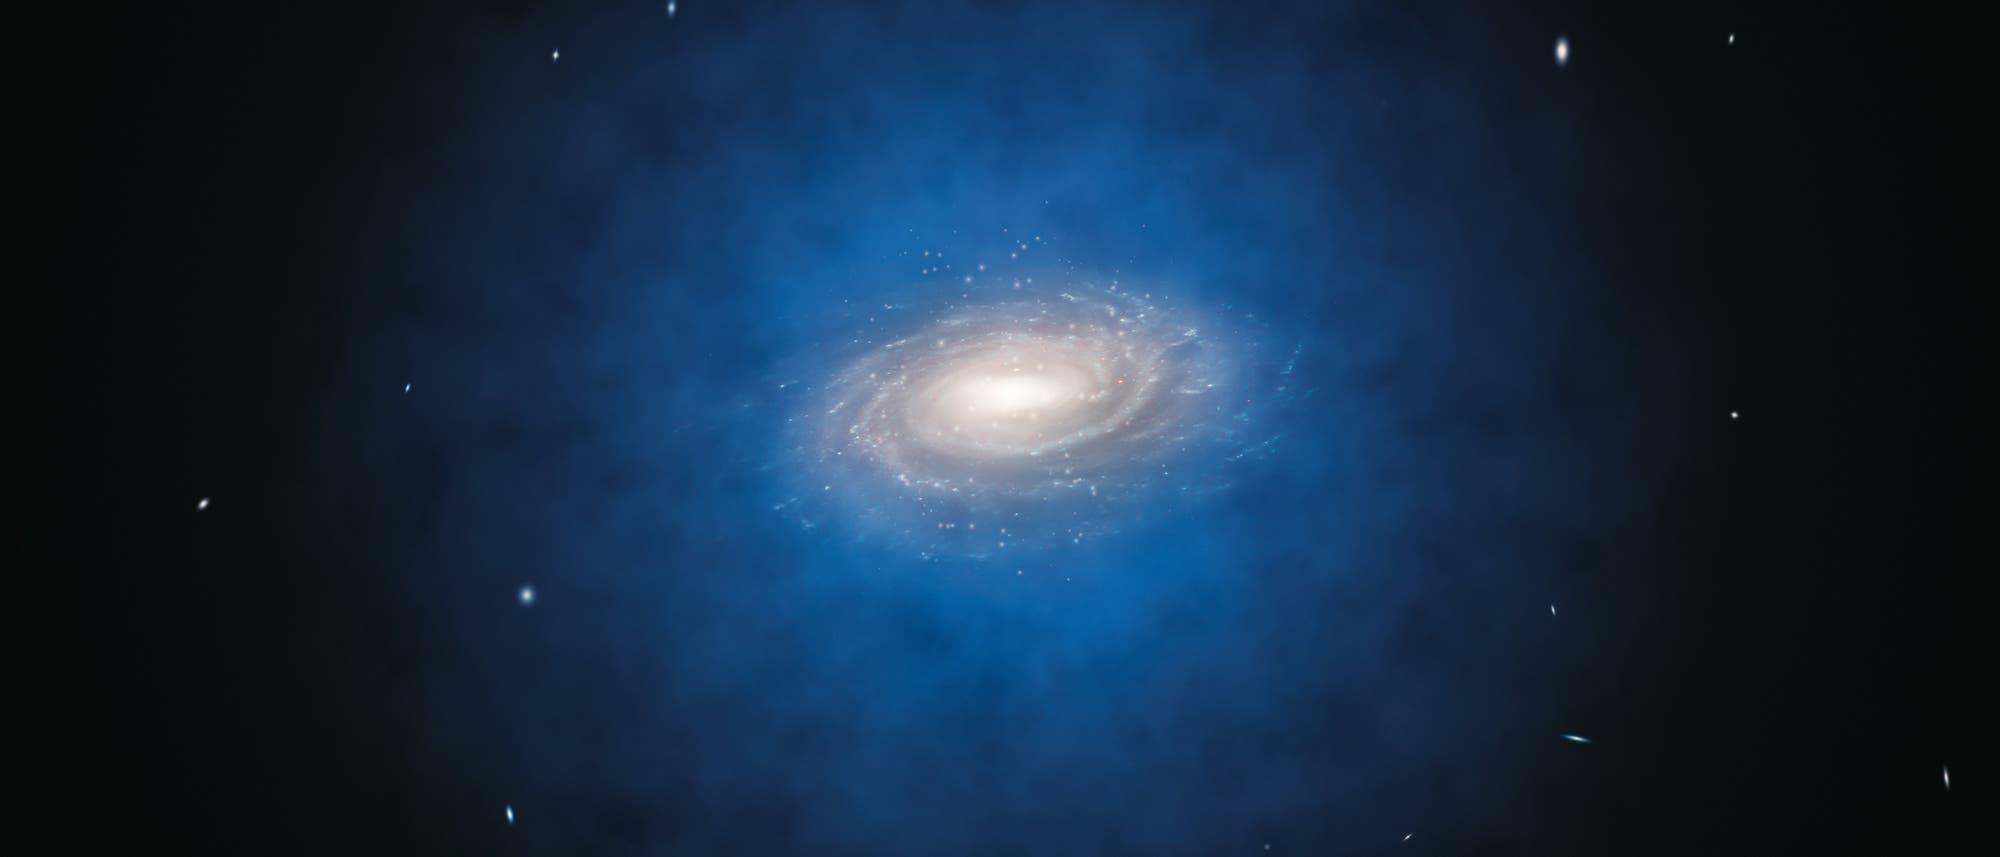 Verteilung der Dunklen Materie in der Milchstraße (künstlerische Darstellung)